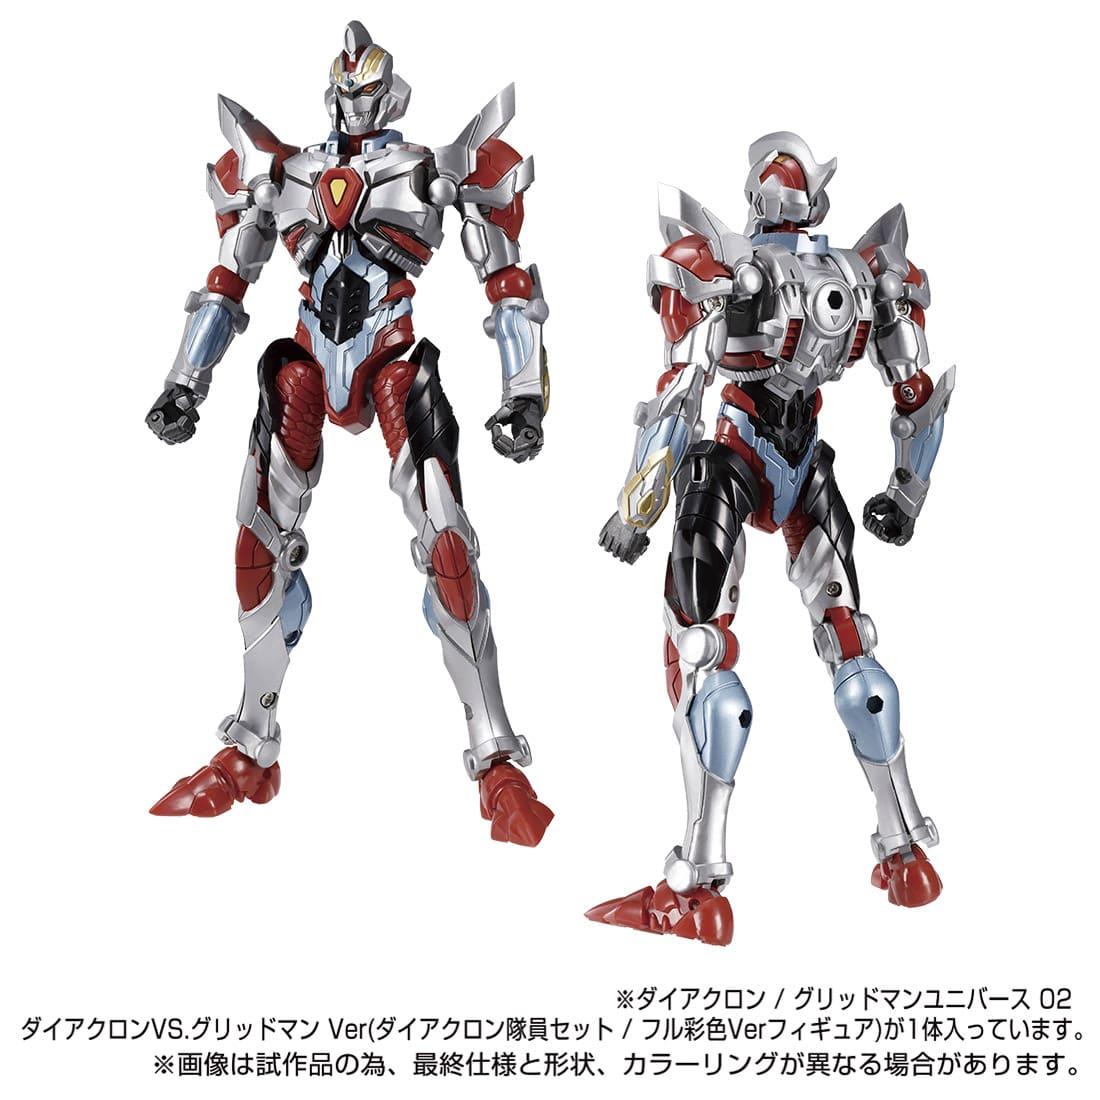 ダイアクロン / グリッドマンユニバース 02『ダイアクロンVS.グリッドマン Ver』可動フィギュア-003